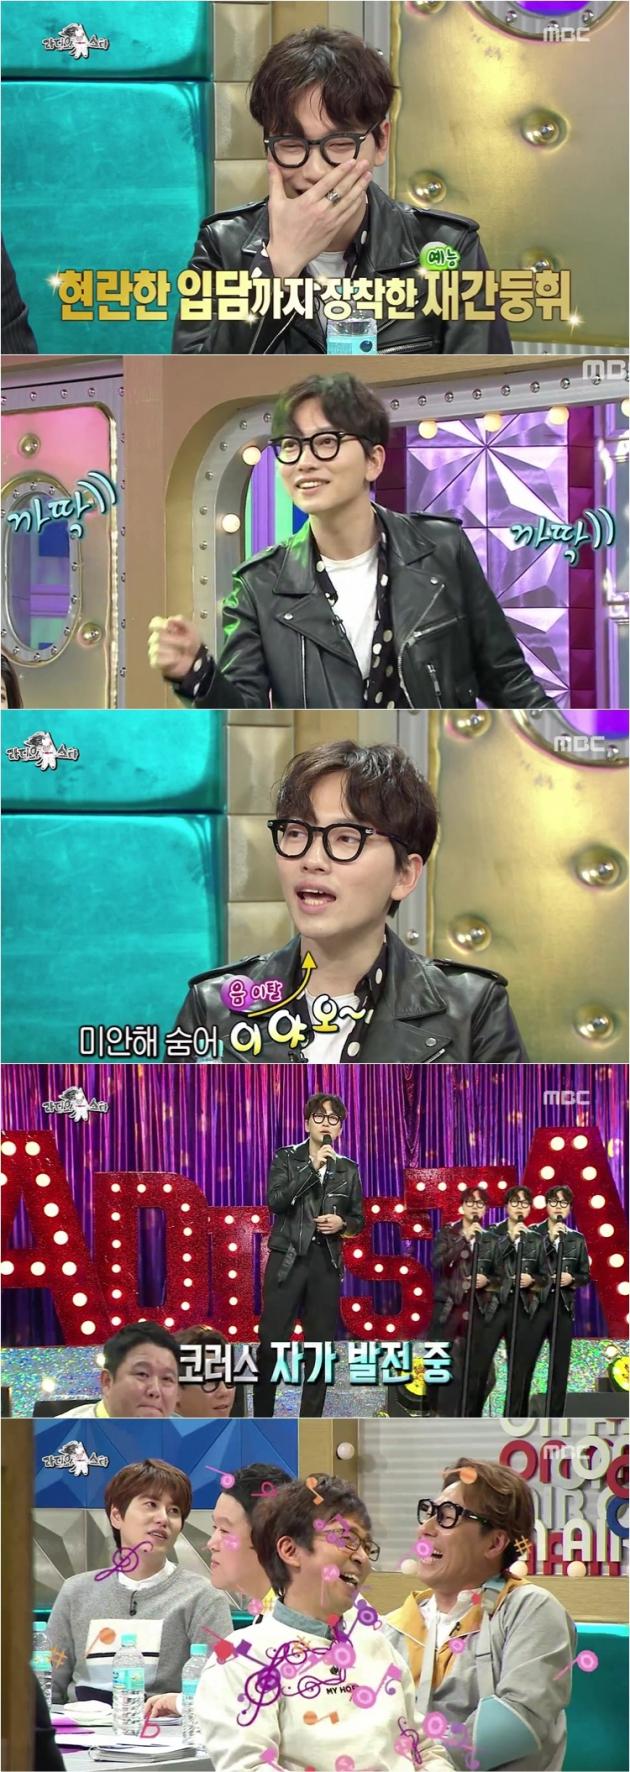 '라디오스타' 이동휘 /MBC